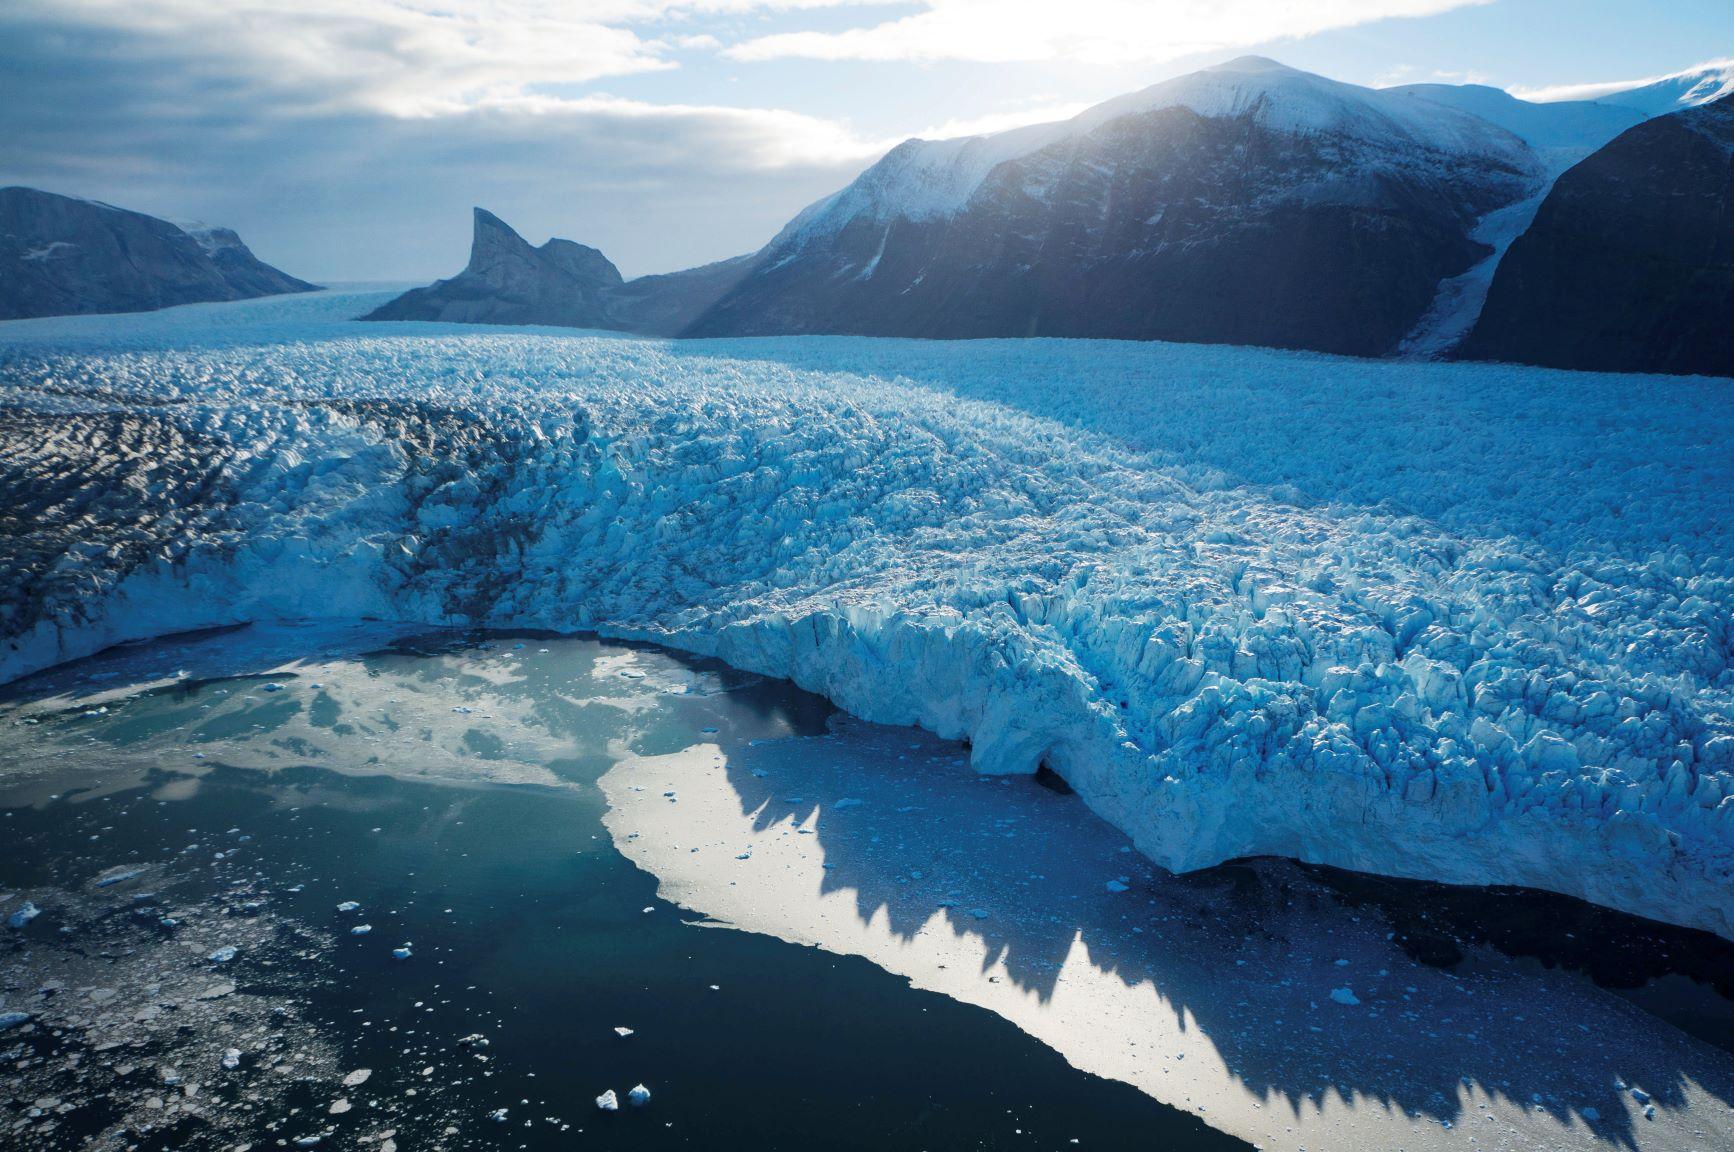 Subglacial lake